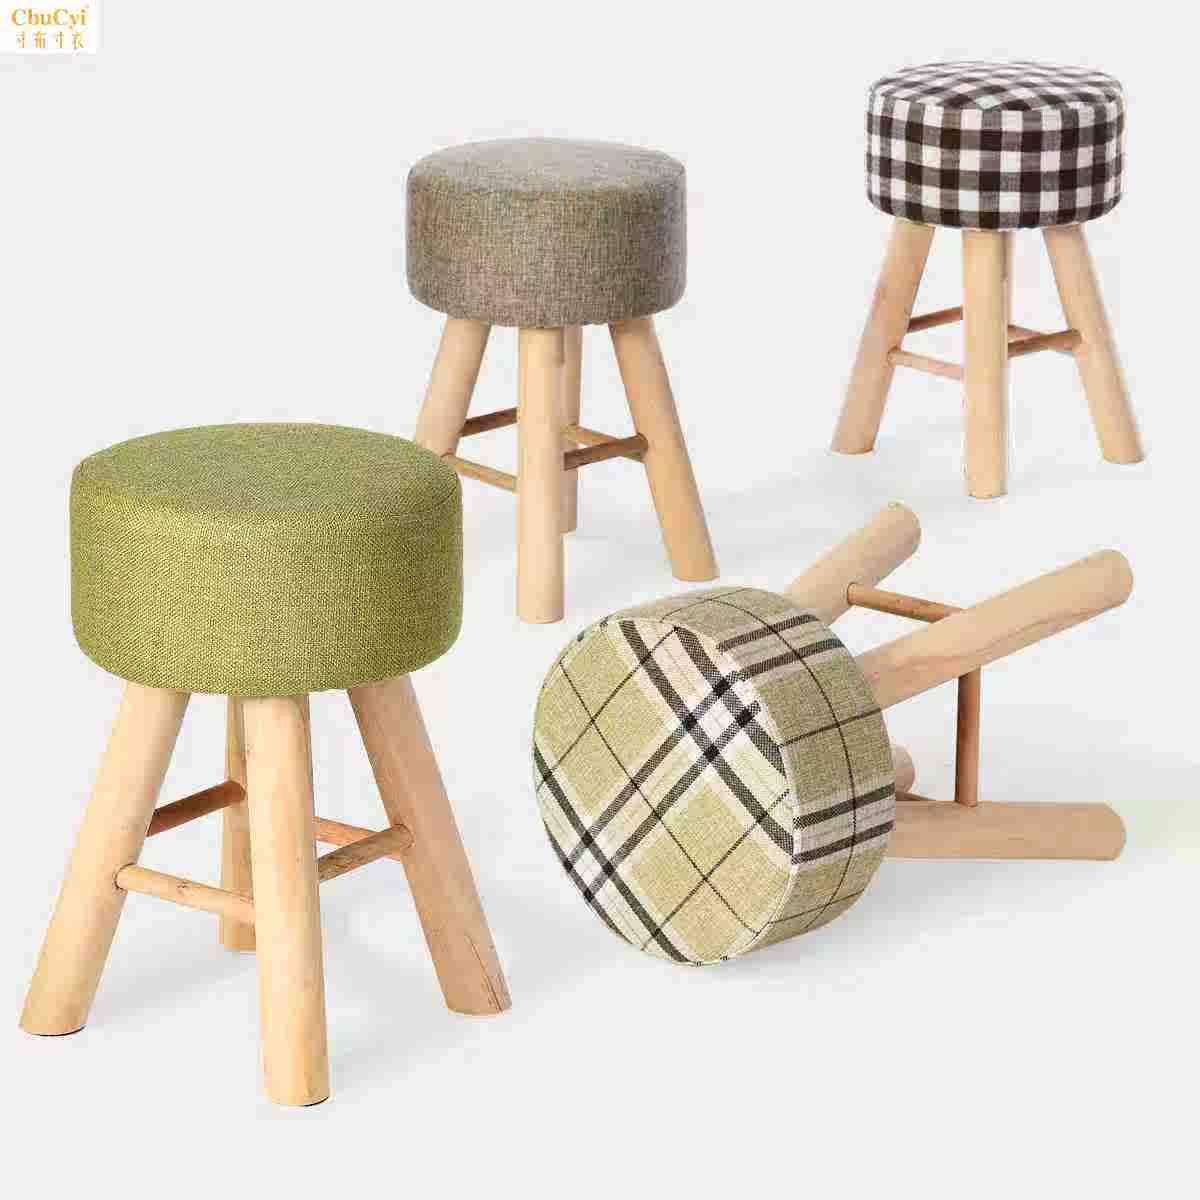 简单经典环保电脑凳透气试鞋凳简易舒适柔软简约家用板凳实用坐椅